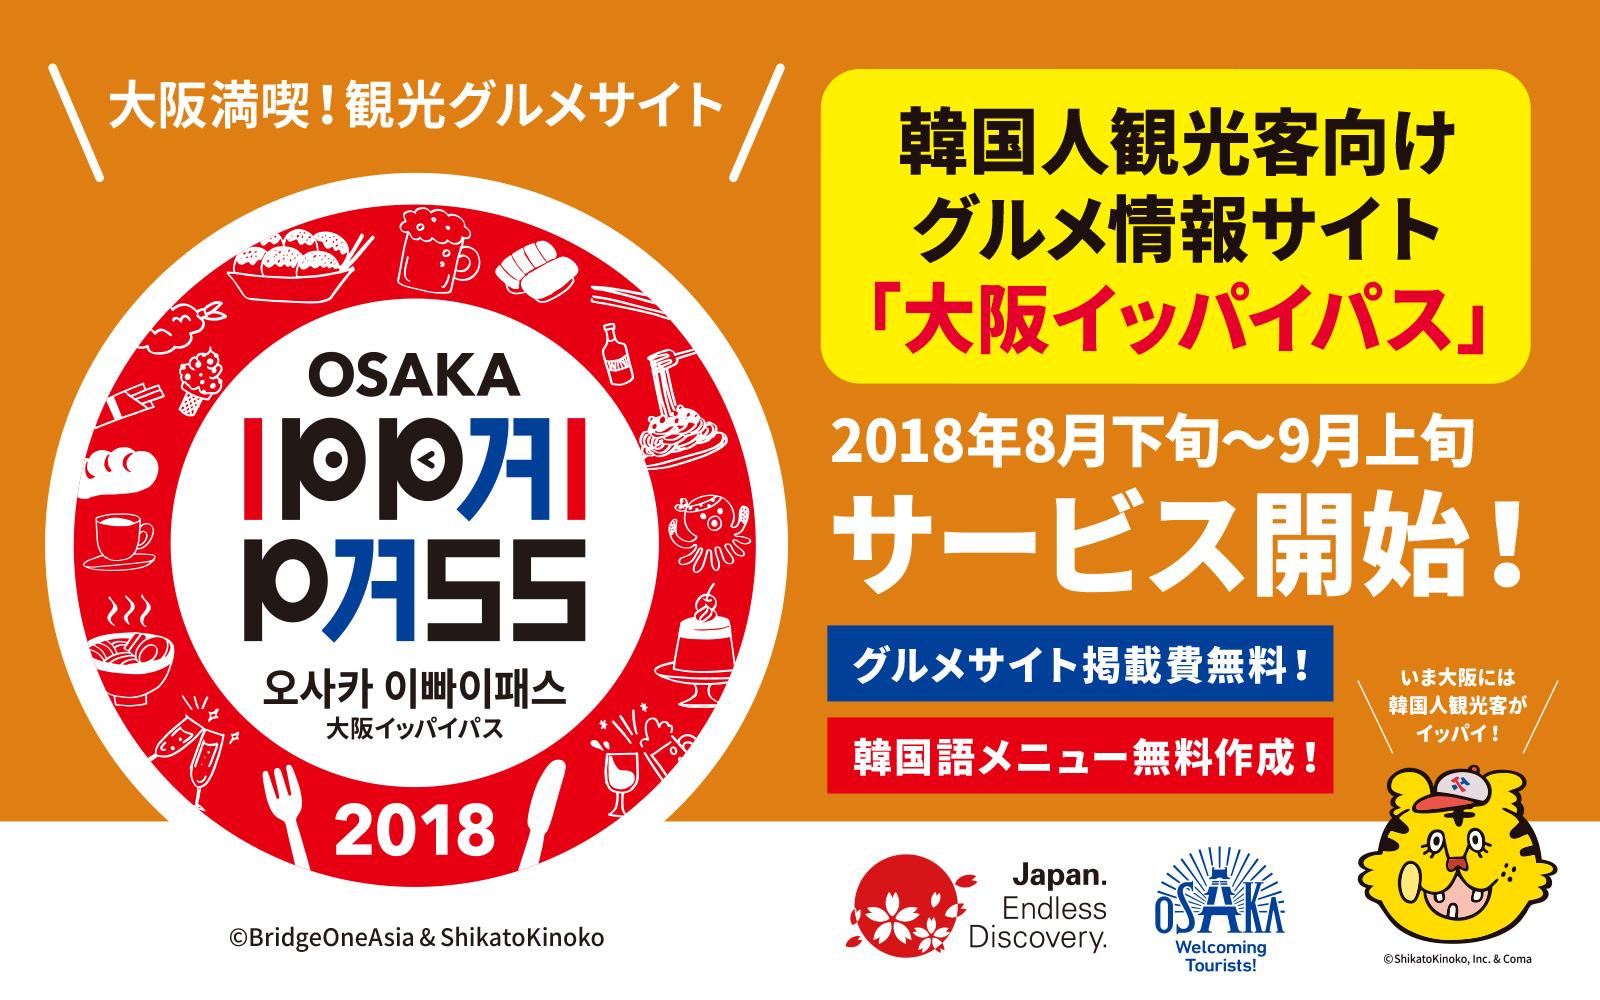 大阪イッパイパス(OSAKA IPPAIPASS)